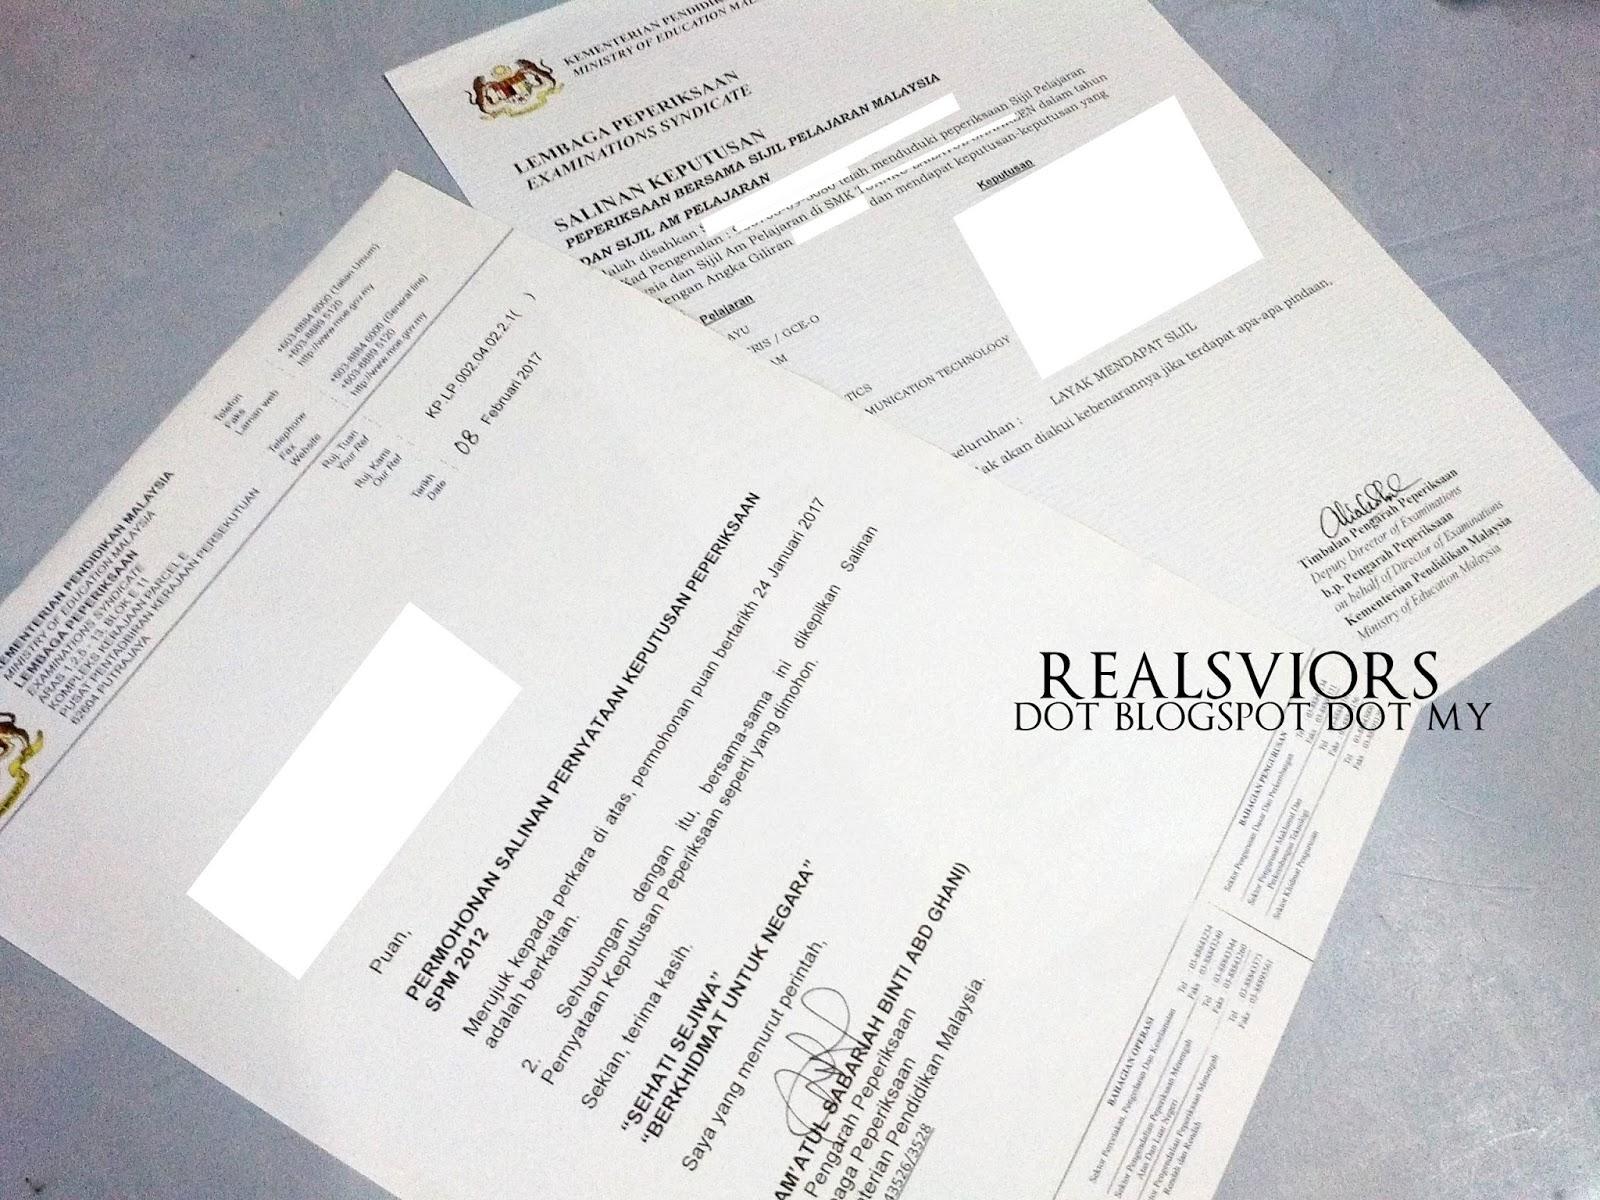 sfrnfzl cara nak dapatkan semula sijil peperiksaan melalui pos dapatkan semula sijil peperiksaan